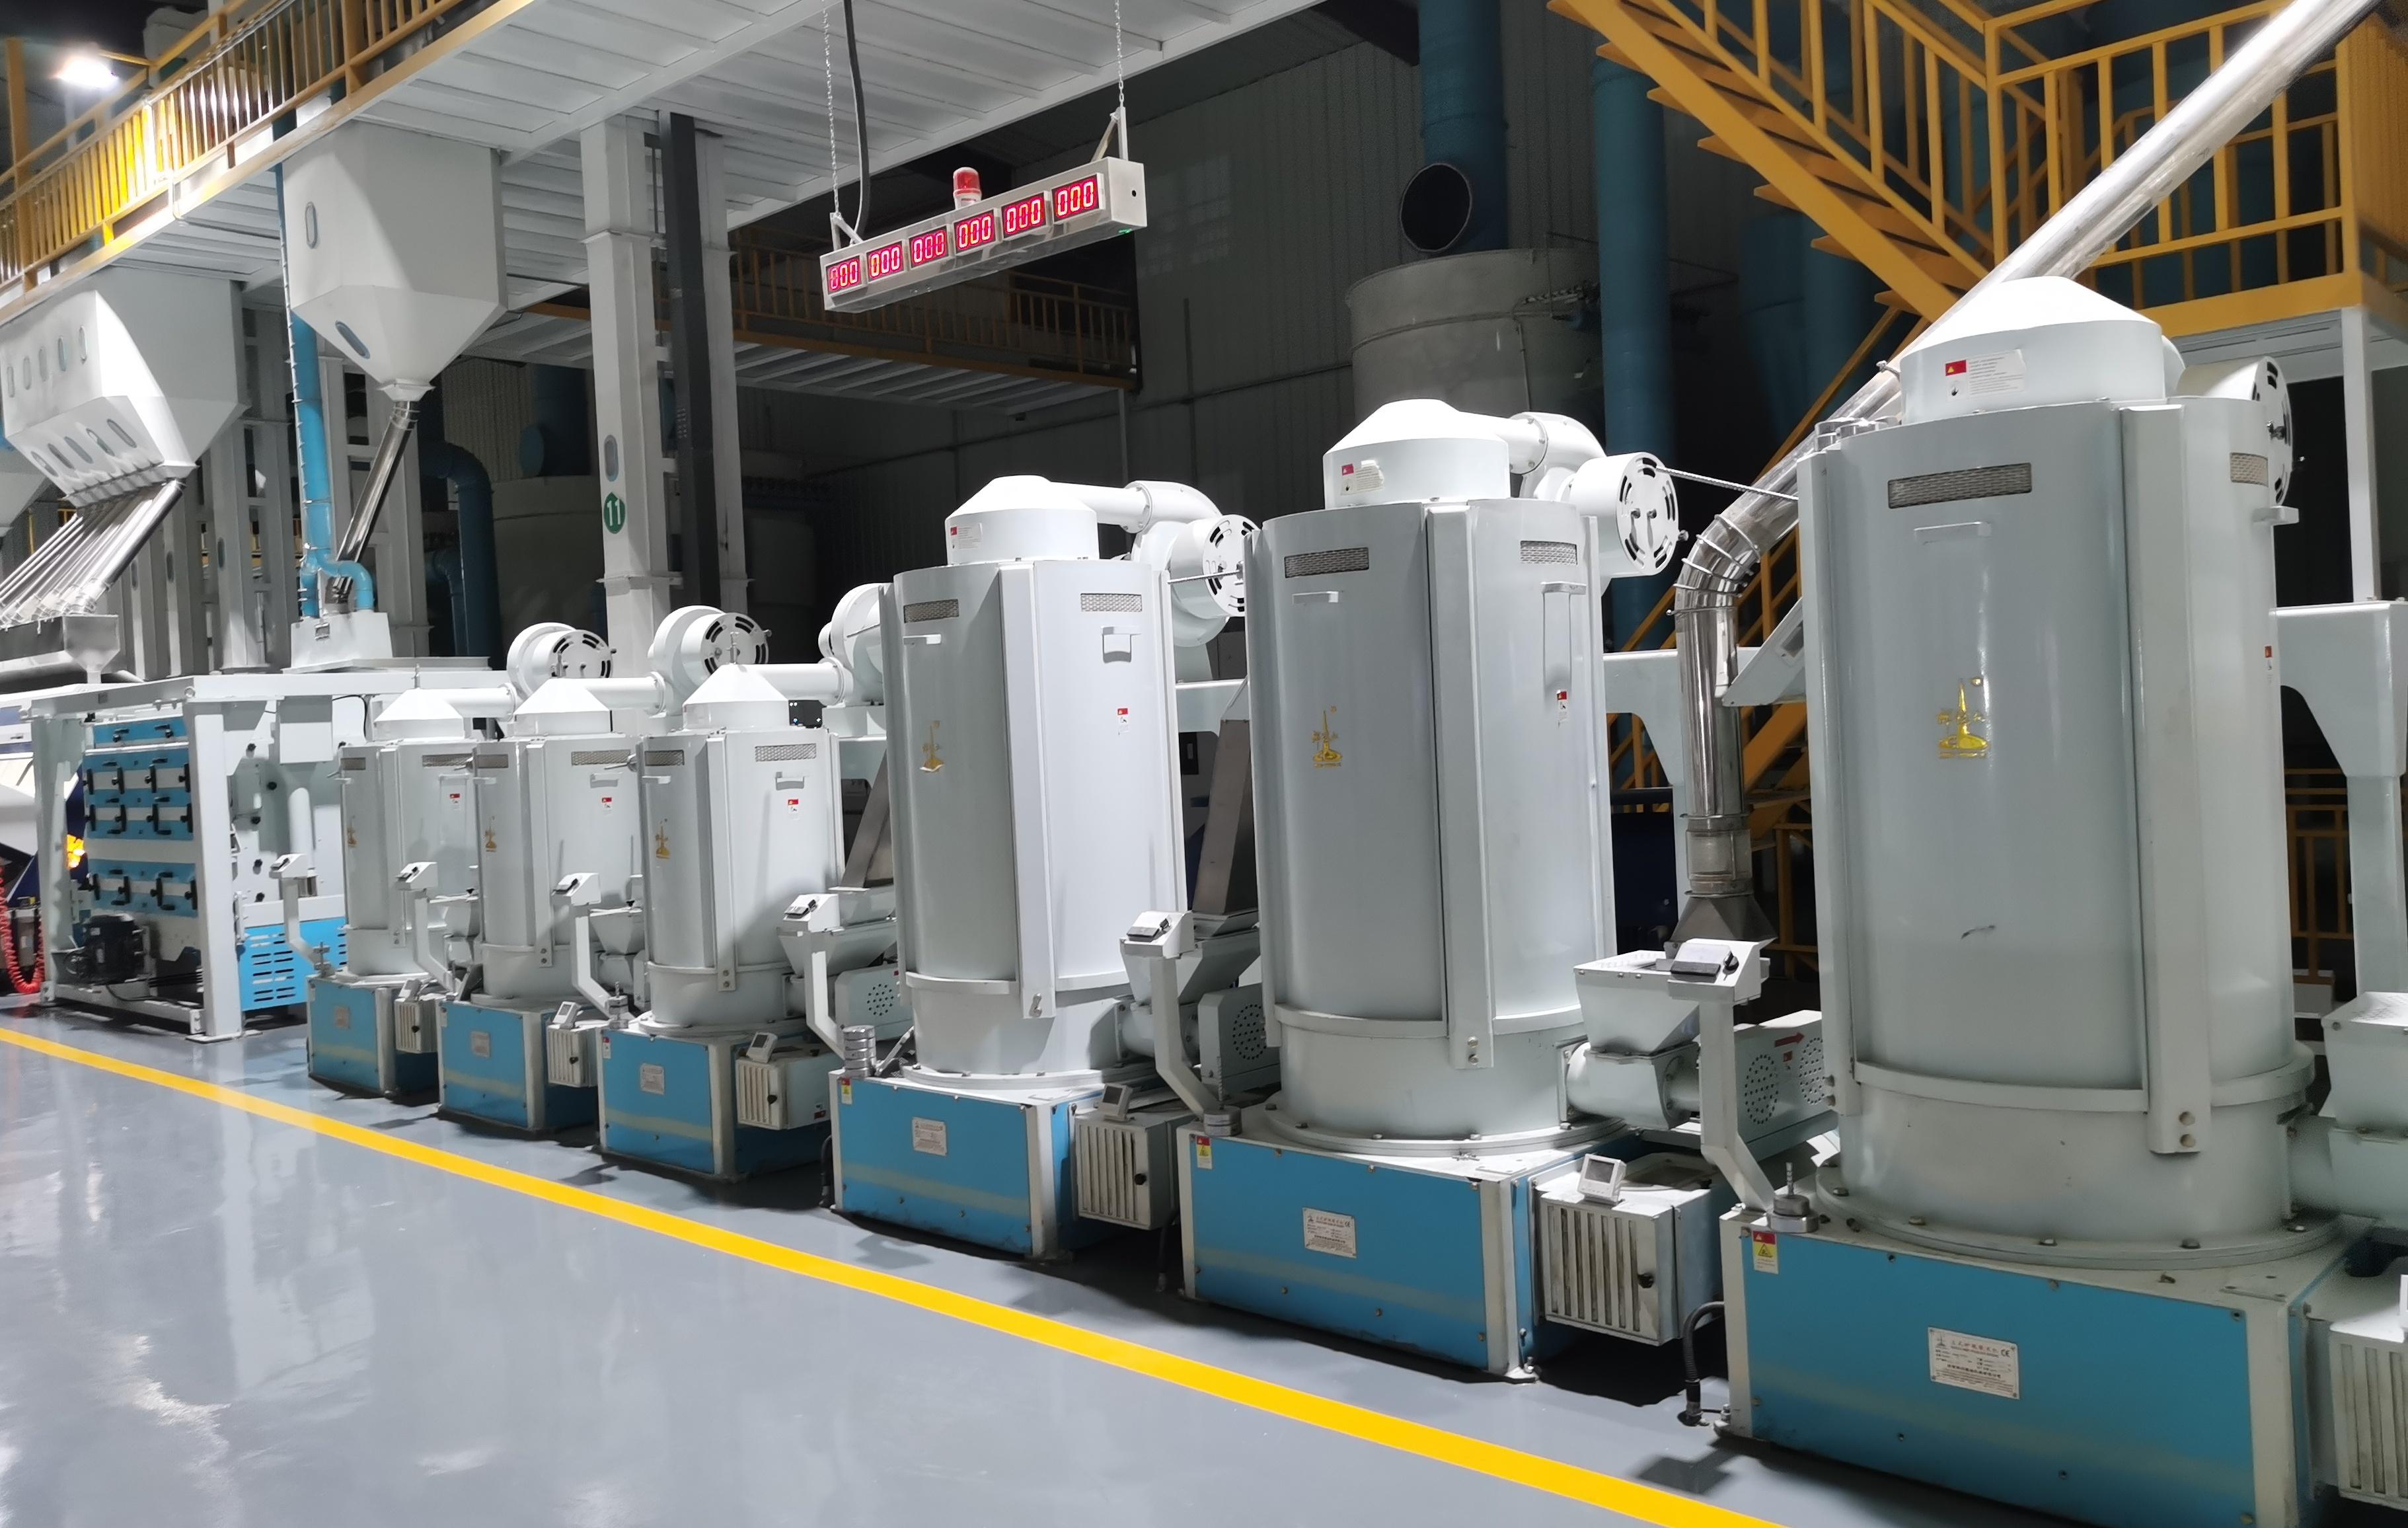 黑龍江晨雨糧油公司日產300噸碾米成套